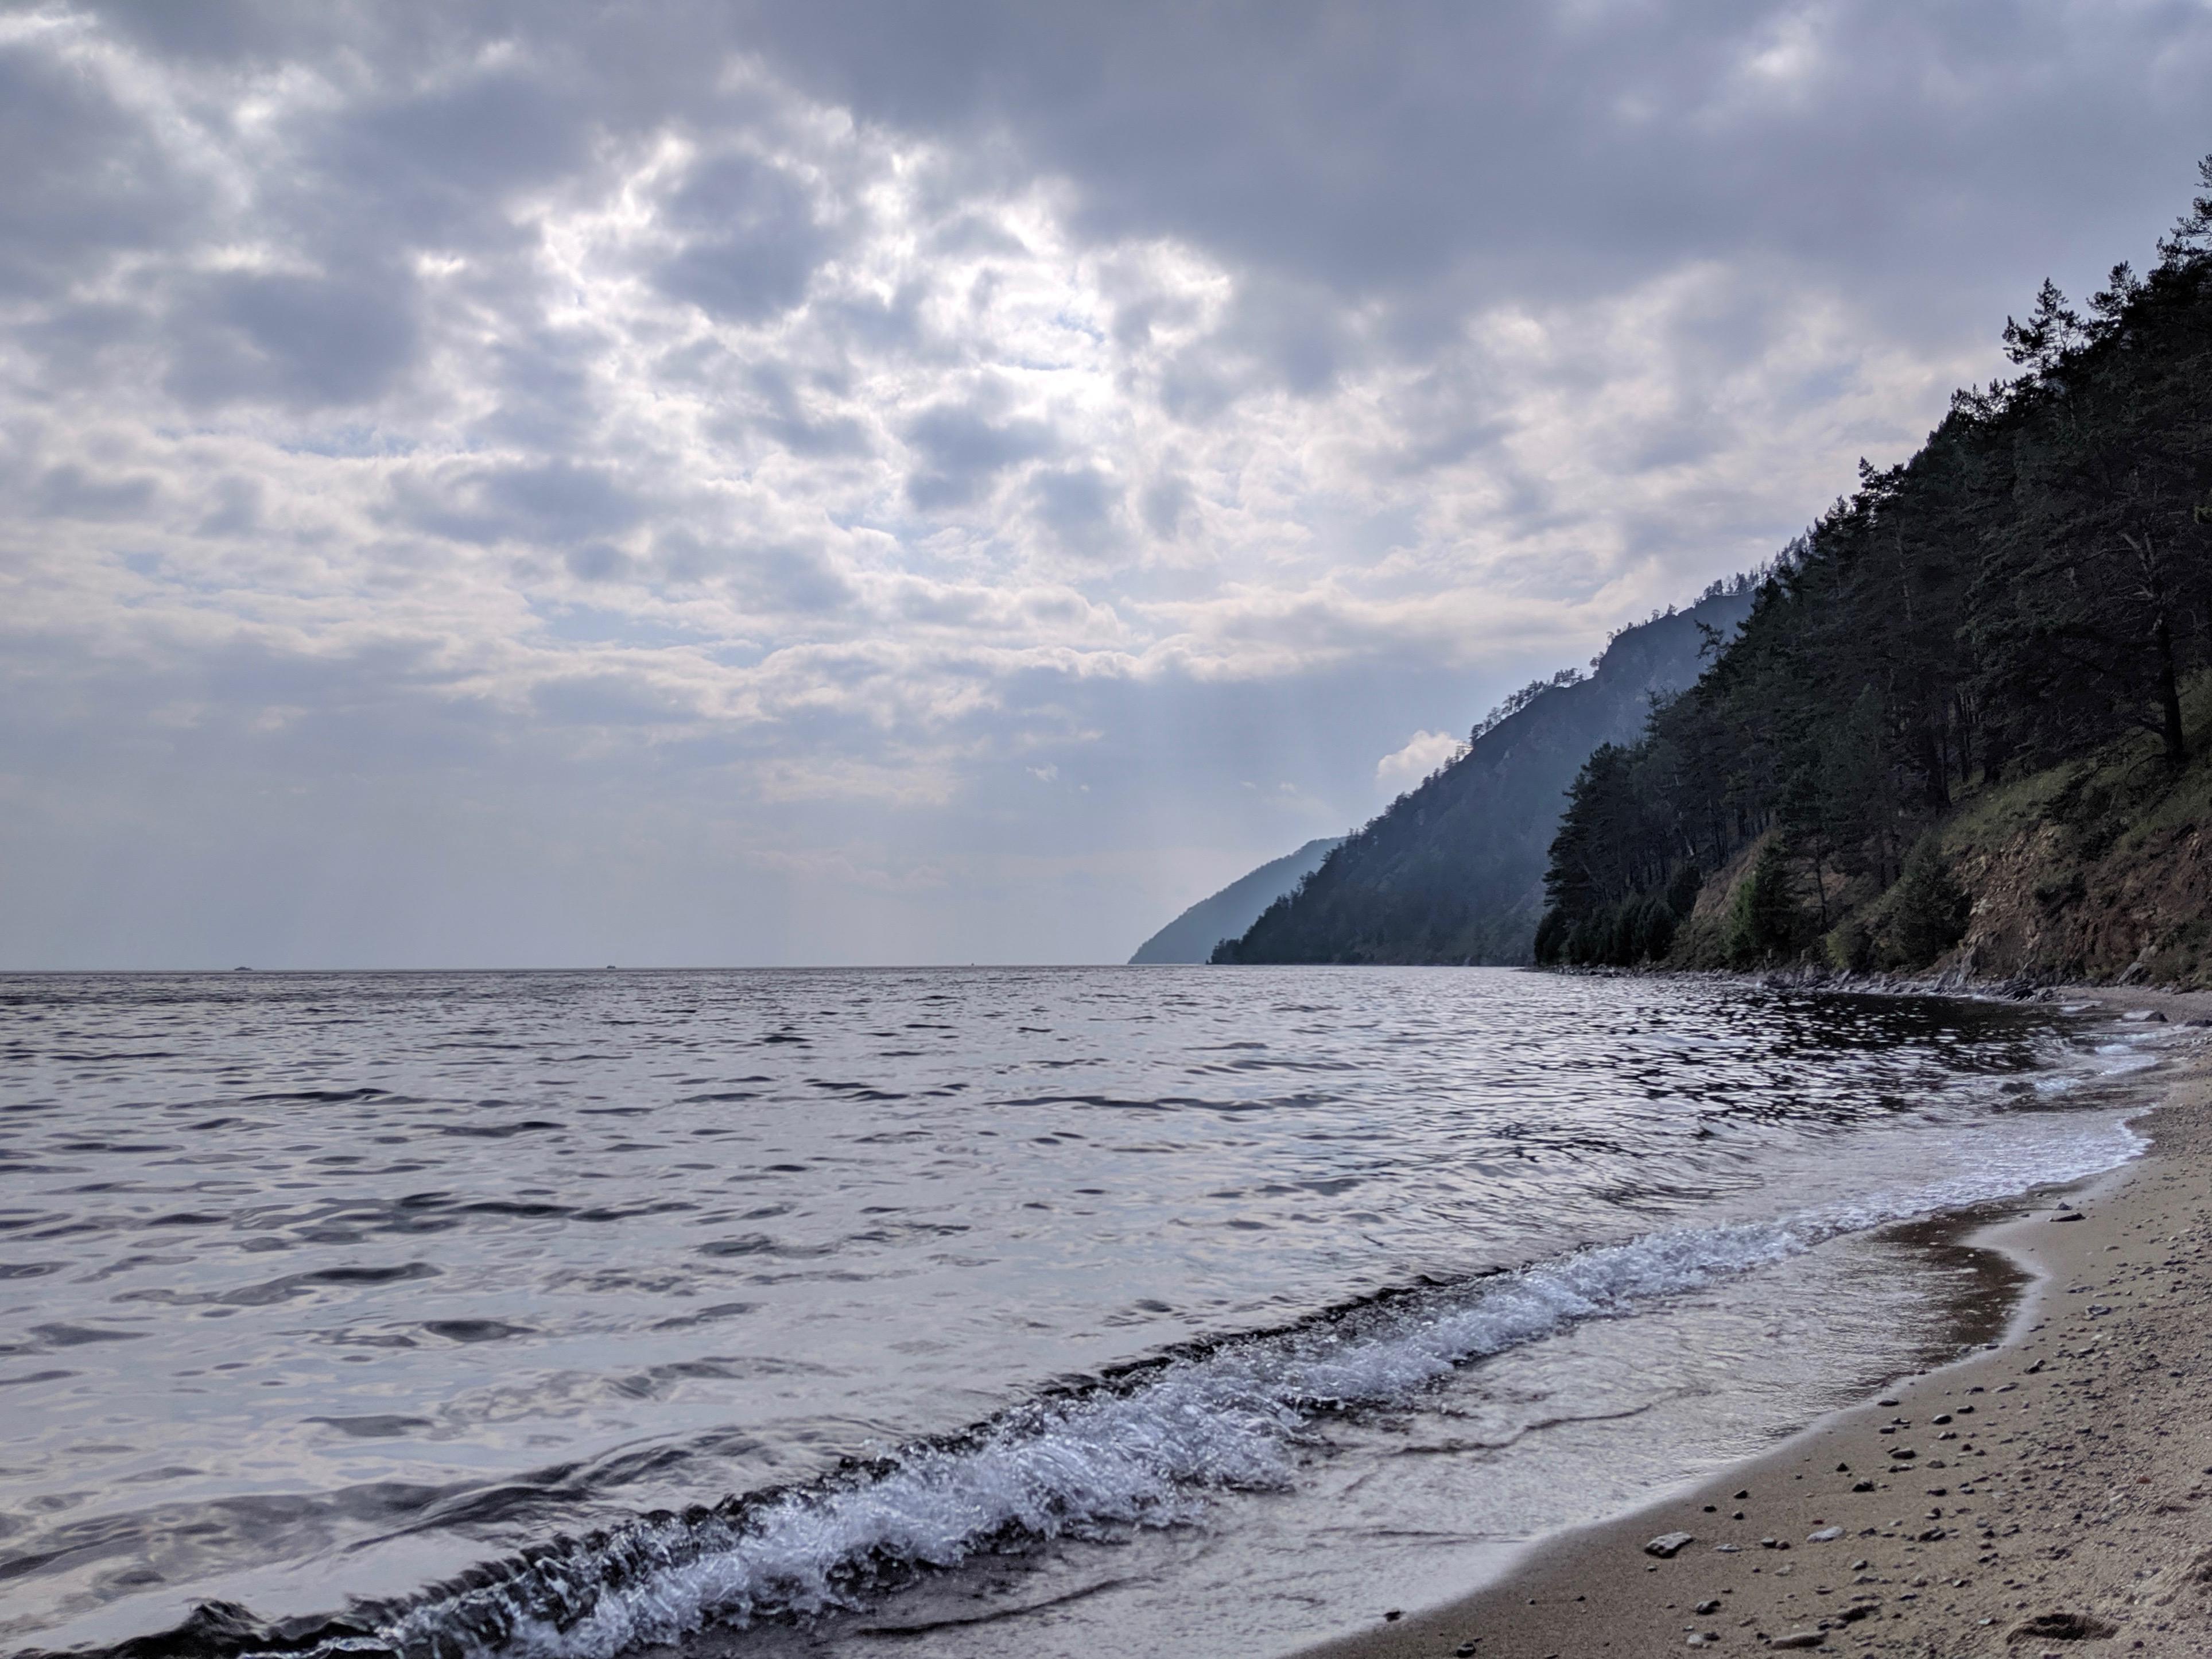 Hiking the pebble beach along Lake Baikal